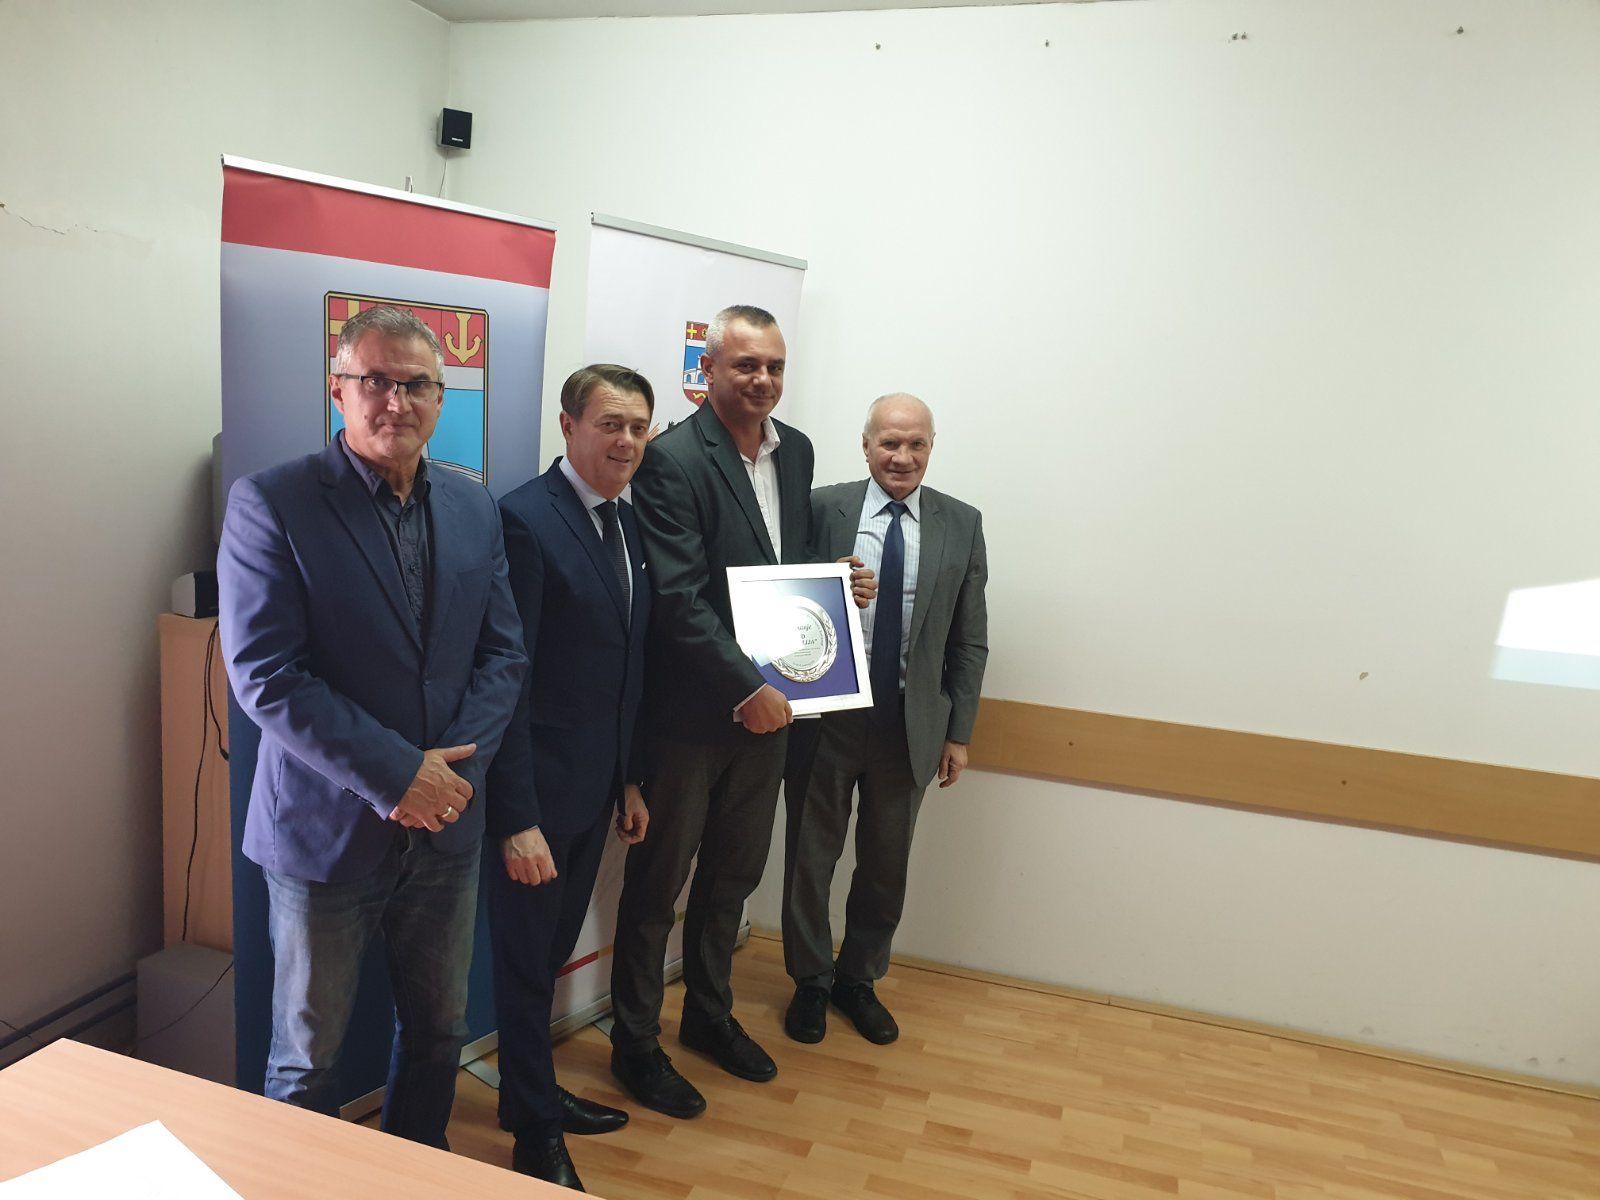 Održana sjednica Školskog športskog saveza Osječko-baranjske županije